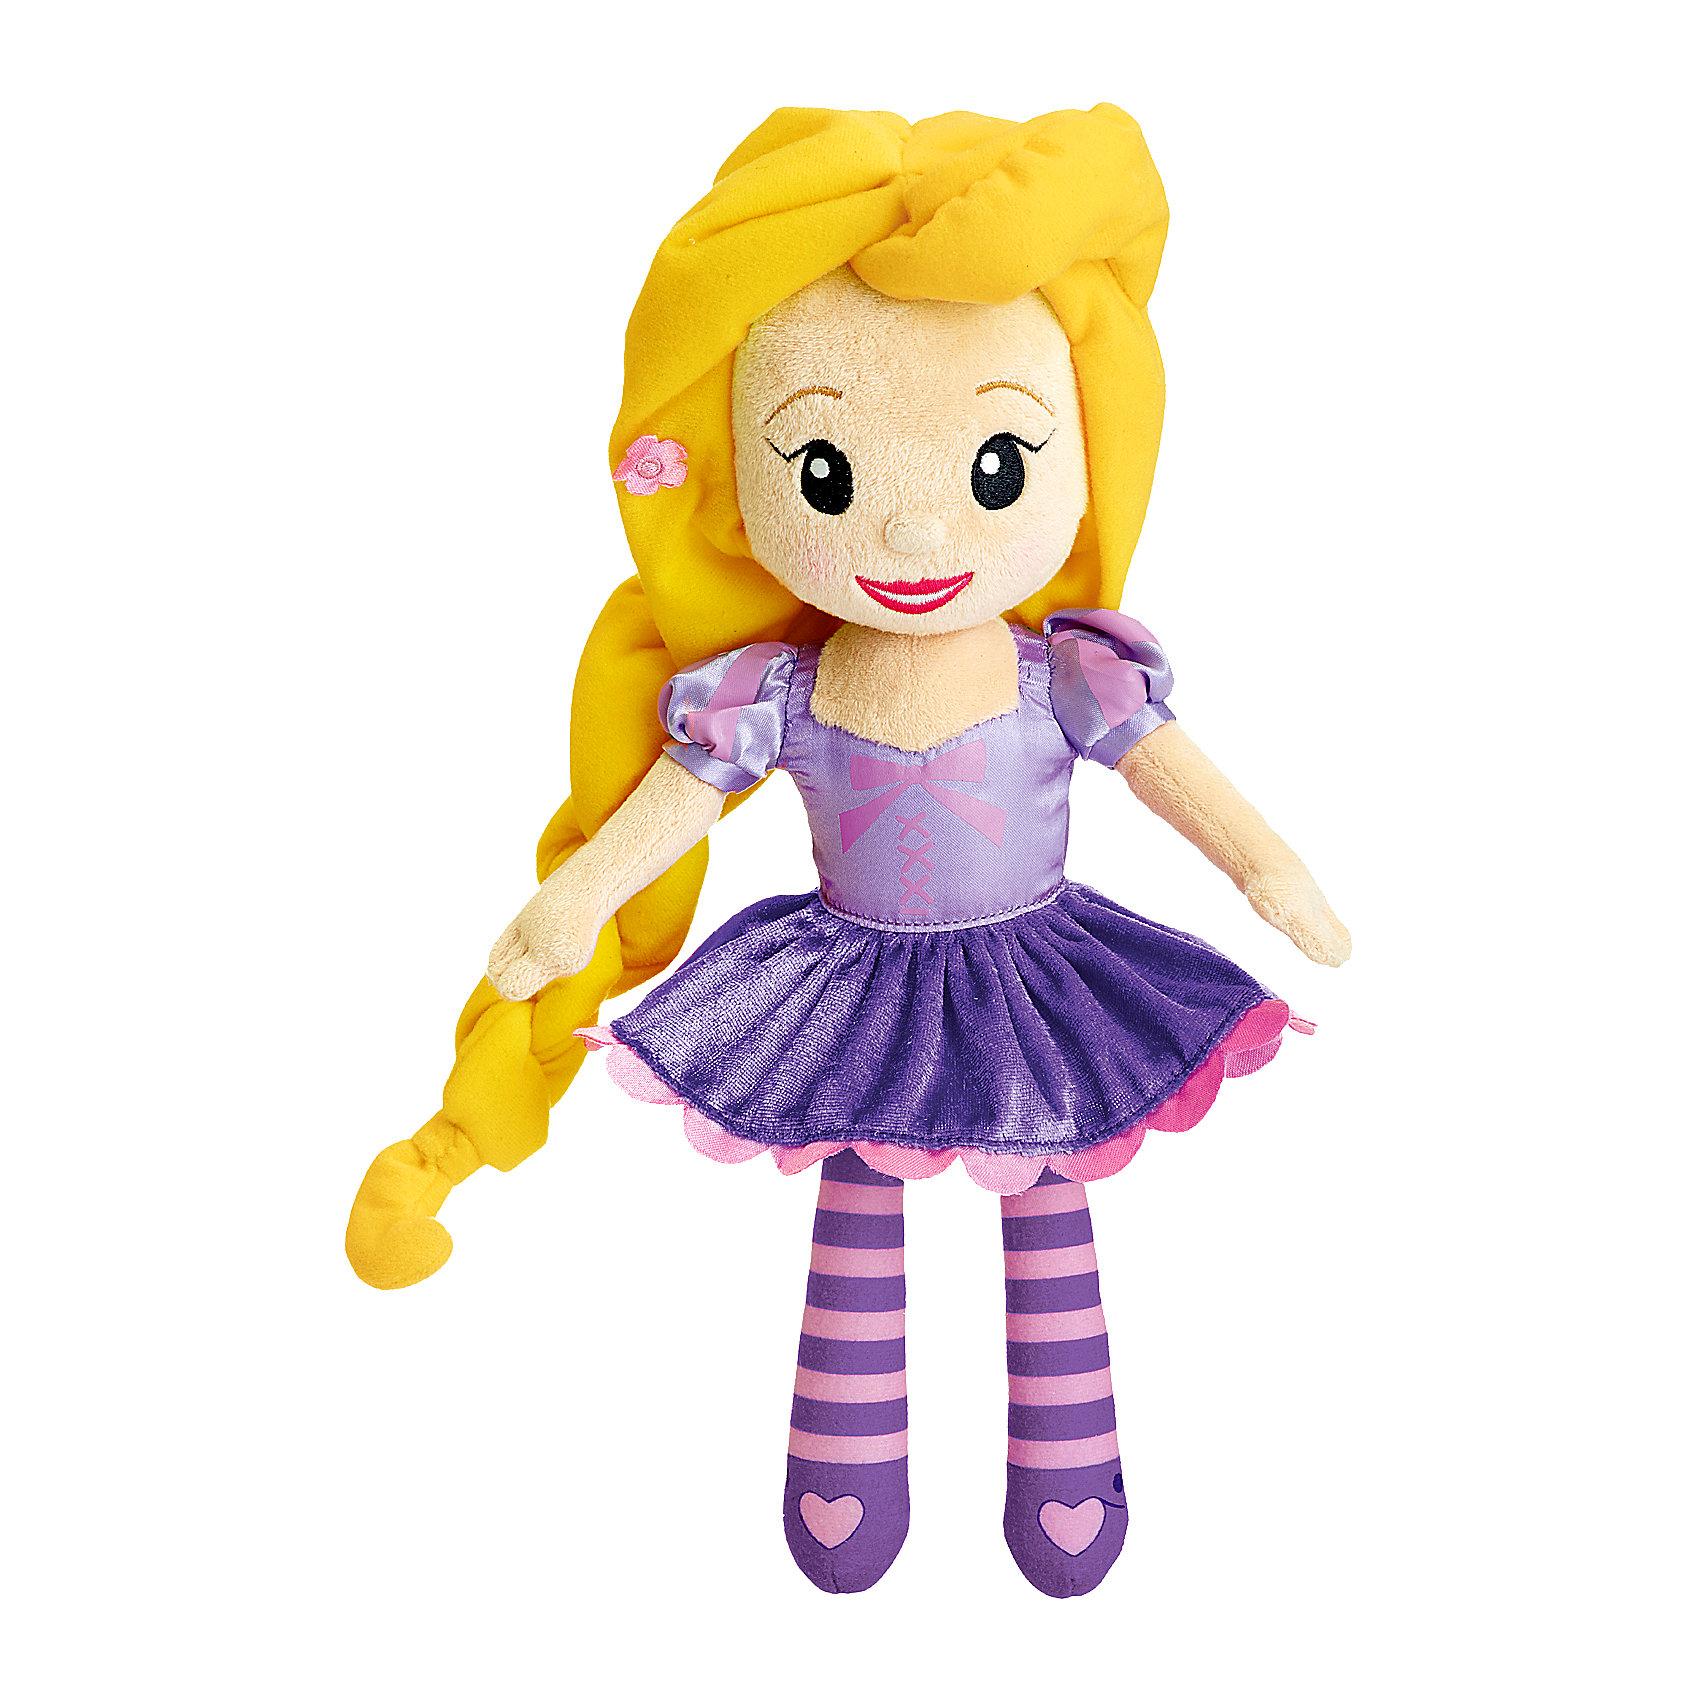 Мягкая игрушка с мелодией Рапунцель, Disney, CHICCOМягкая игрушка с мелодией Рапунцель, Disney, CHICCO (ЧИКО) – эта музыкальная кукла перенесет девочку в магический мир Принцесс Disney.<br>Кукла «Рапунцель» сделана из мягкой ткани и прекрасно подойдет для малышек с 18 месяцев. Кукла одета в нарядное платье, ее роскошные волосы уложены в объемную косу, украшенную цветами. Если нажать на животик Рапунцель, то вы услышите приятные мелодии, которые напомнят чудесную историю этой принцессы из всеми любимого анимационного фильма. Мягкая привлекательная кукла станет любимой игрушкой вашей маленькой принцессы!<br><br>Дополнительная информация:<br><br>- Размер куклы: 35 см.<br>- Материал: текстиль, наполнитель<br>- Батарейки: 3 х LR44 1,5 В (включены в комплект)<br>- Размер упаковки: 39 х 15 х 10 см.<br>- Уход: допускается машинная стирка игрушки при 30 градусах, предварительно вынув электронный модуль<br><br>Мягкую игрушку с мелодией Рапунцель, Disney, CHICCO (ЧИКО) можно купить в нашем интернет-магазине.<br><br>Ширина мм: 396<br>Глубина мм: 164<br>Высота мм: 109<br>Вес г: 344<br>Возраст от месяцев: 18<br>Возраст до месяцев: 36<br>Пол: Женский<br>Возраст: Детский<br>SKU: 4162846